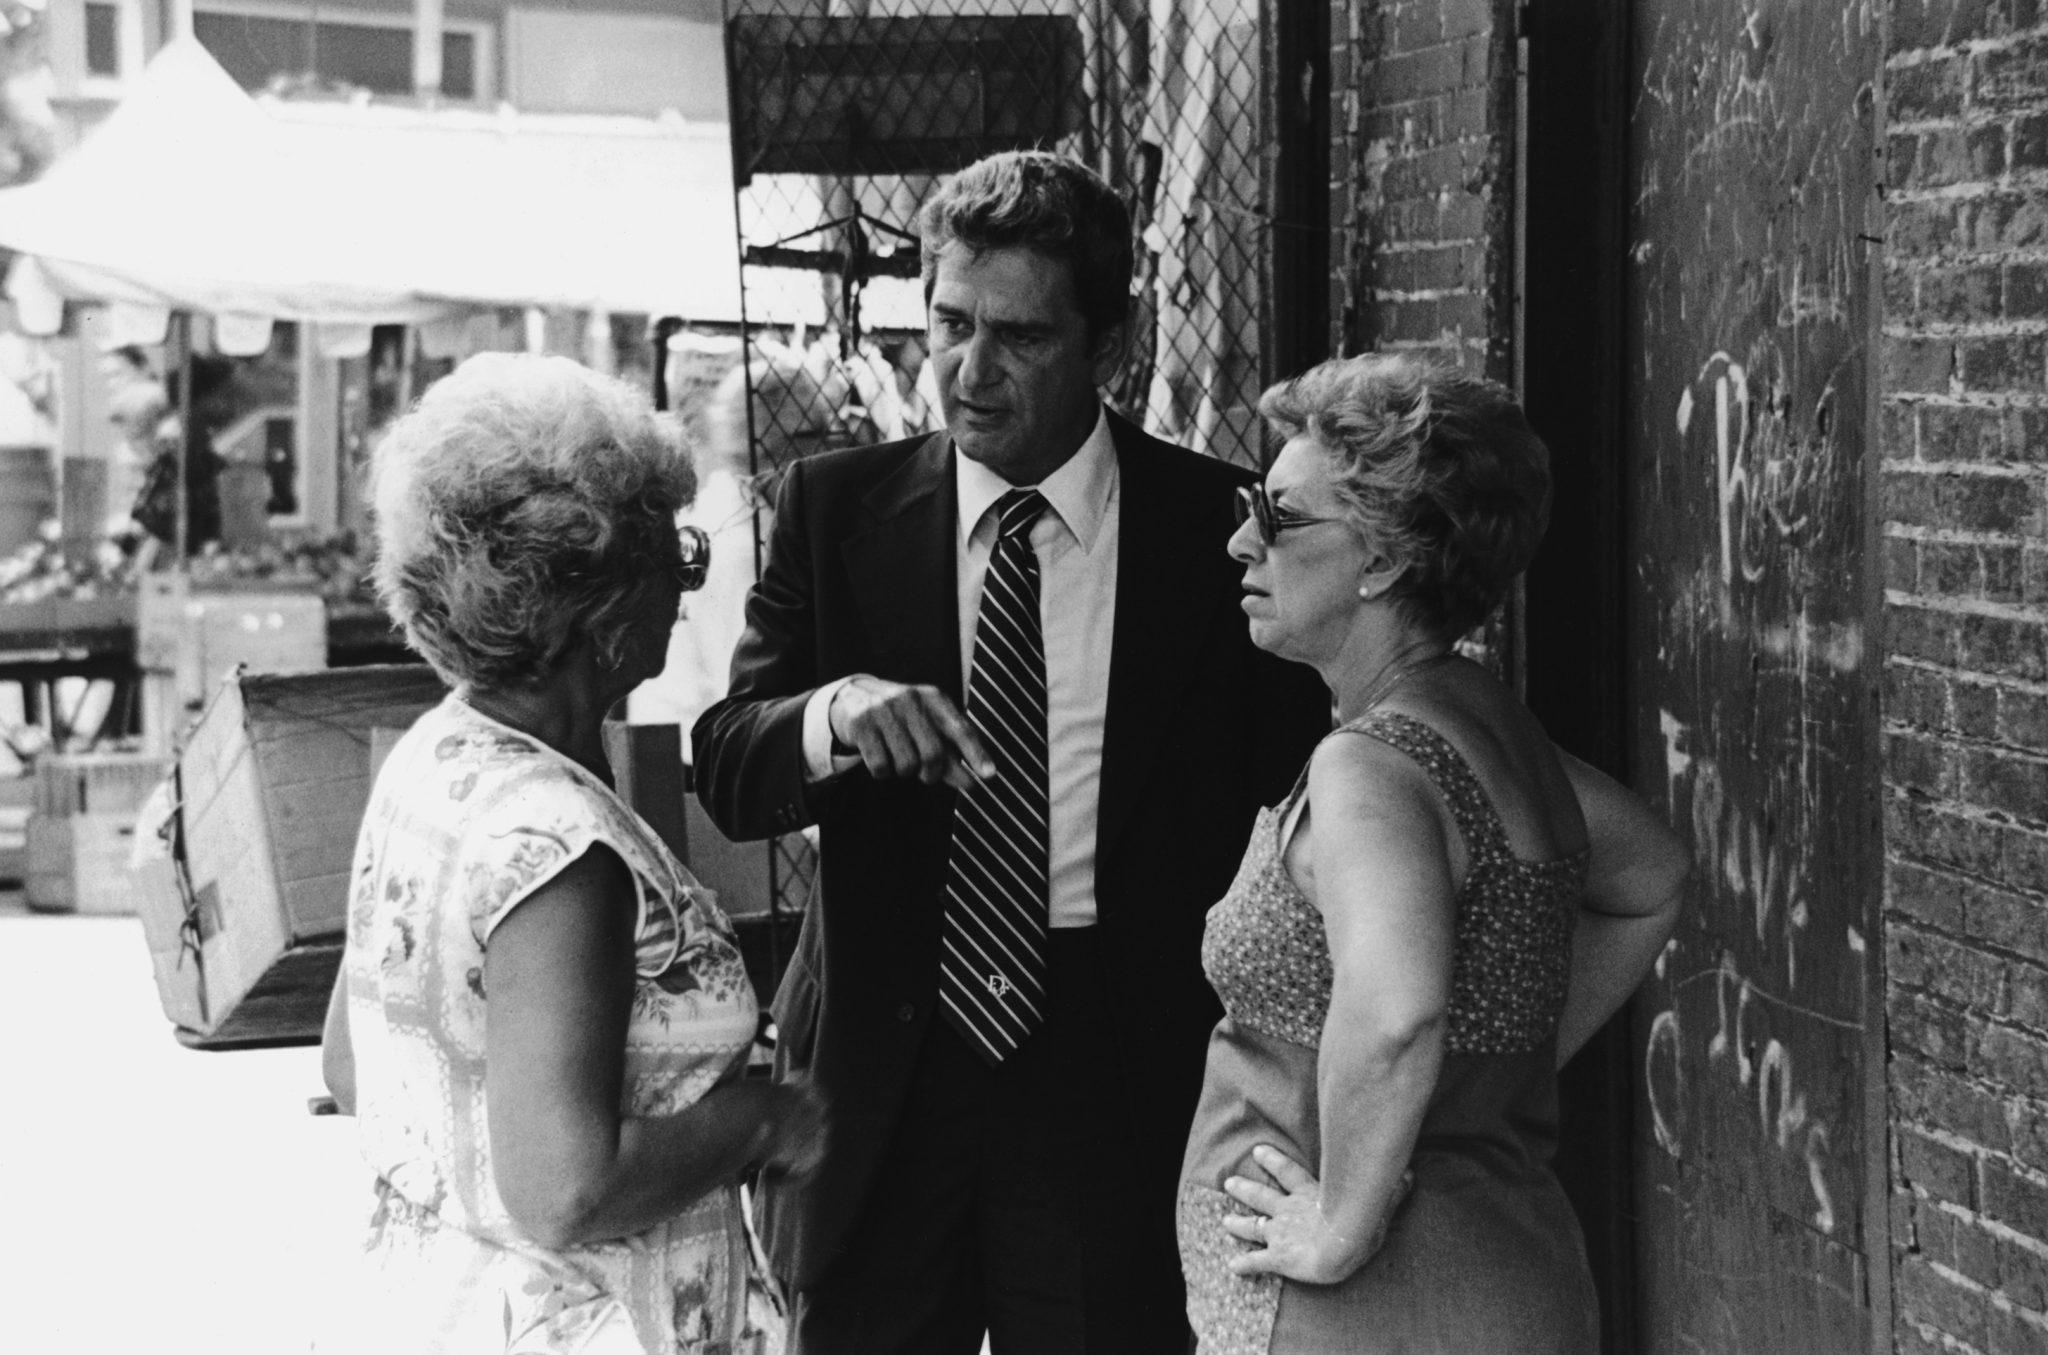 Foglietta campaigning 1980s